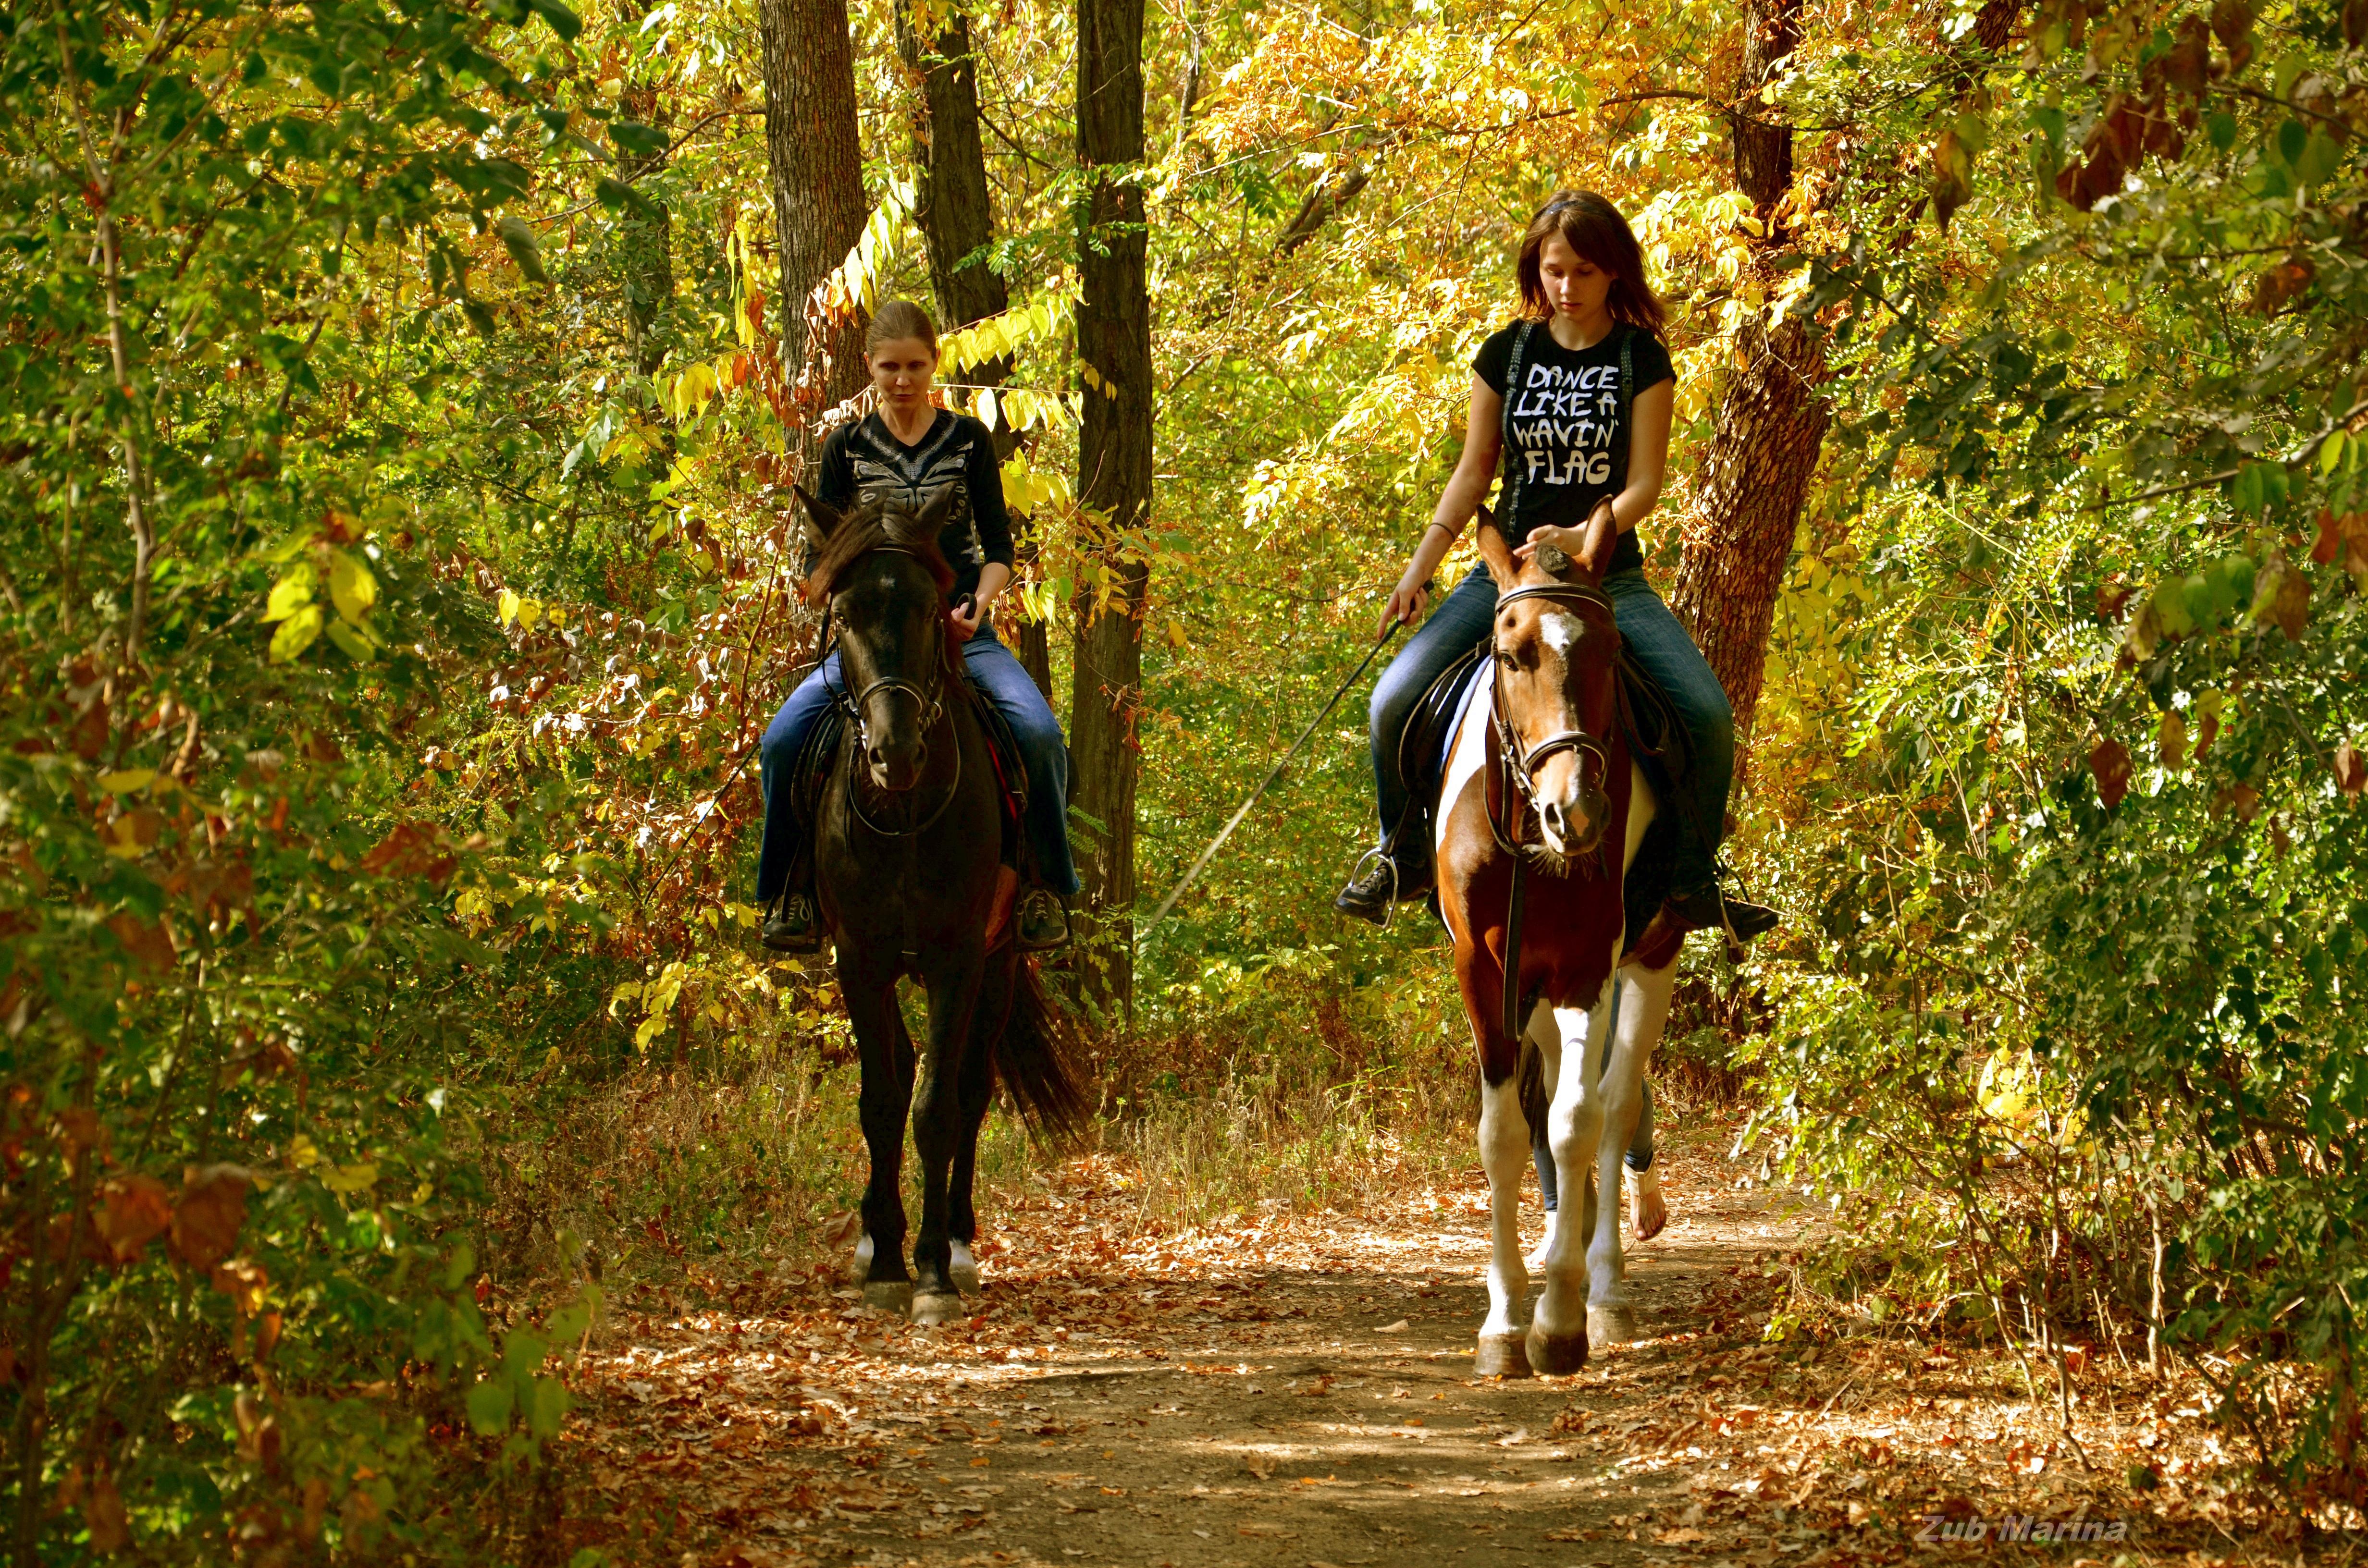 картинки прогулка на лошади с дамой